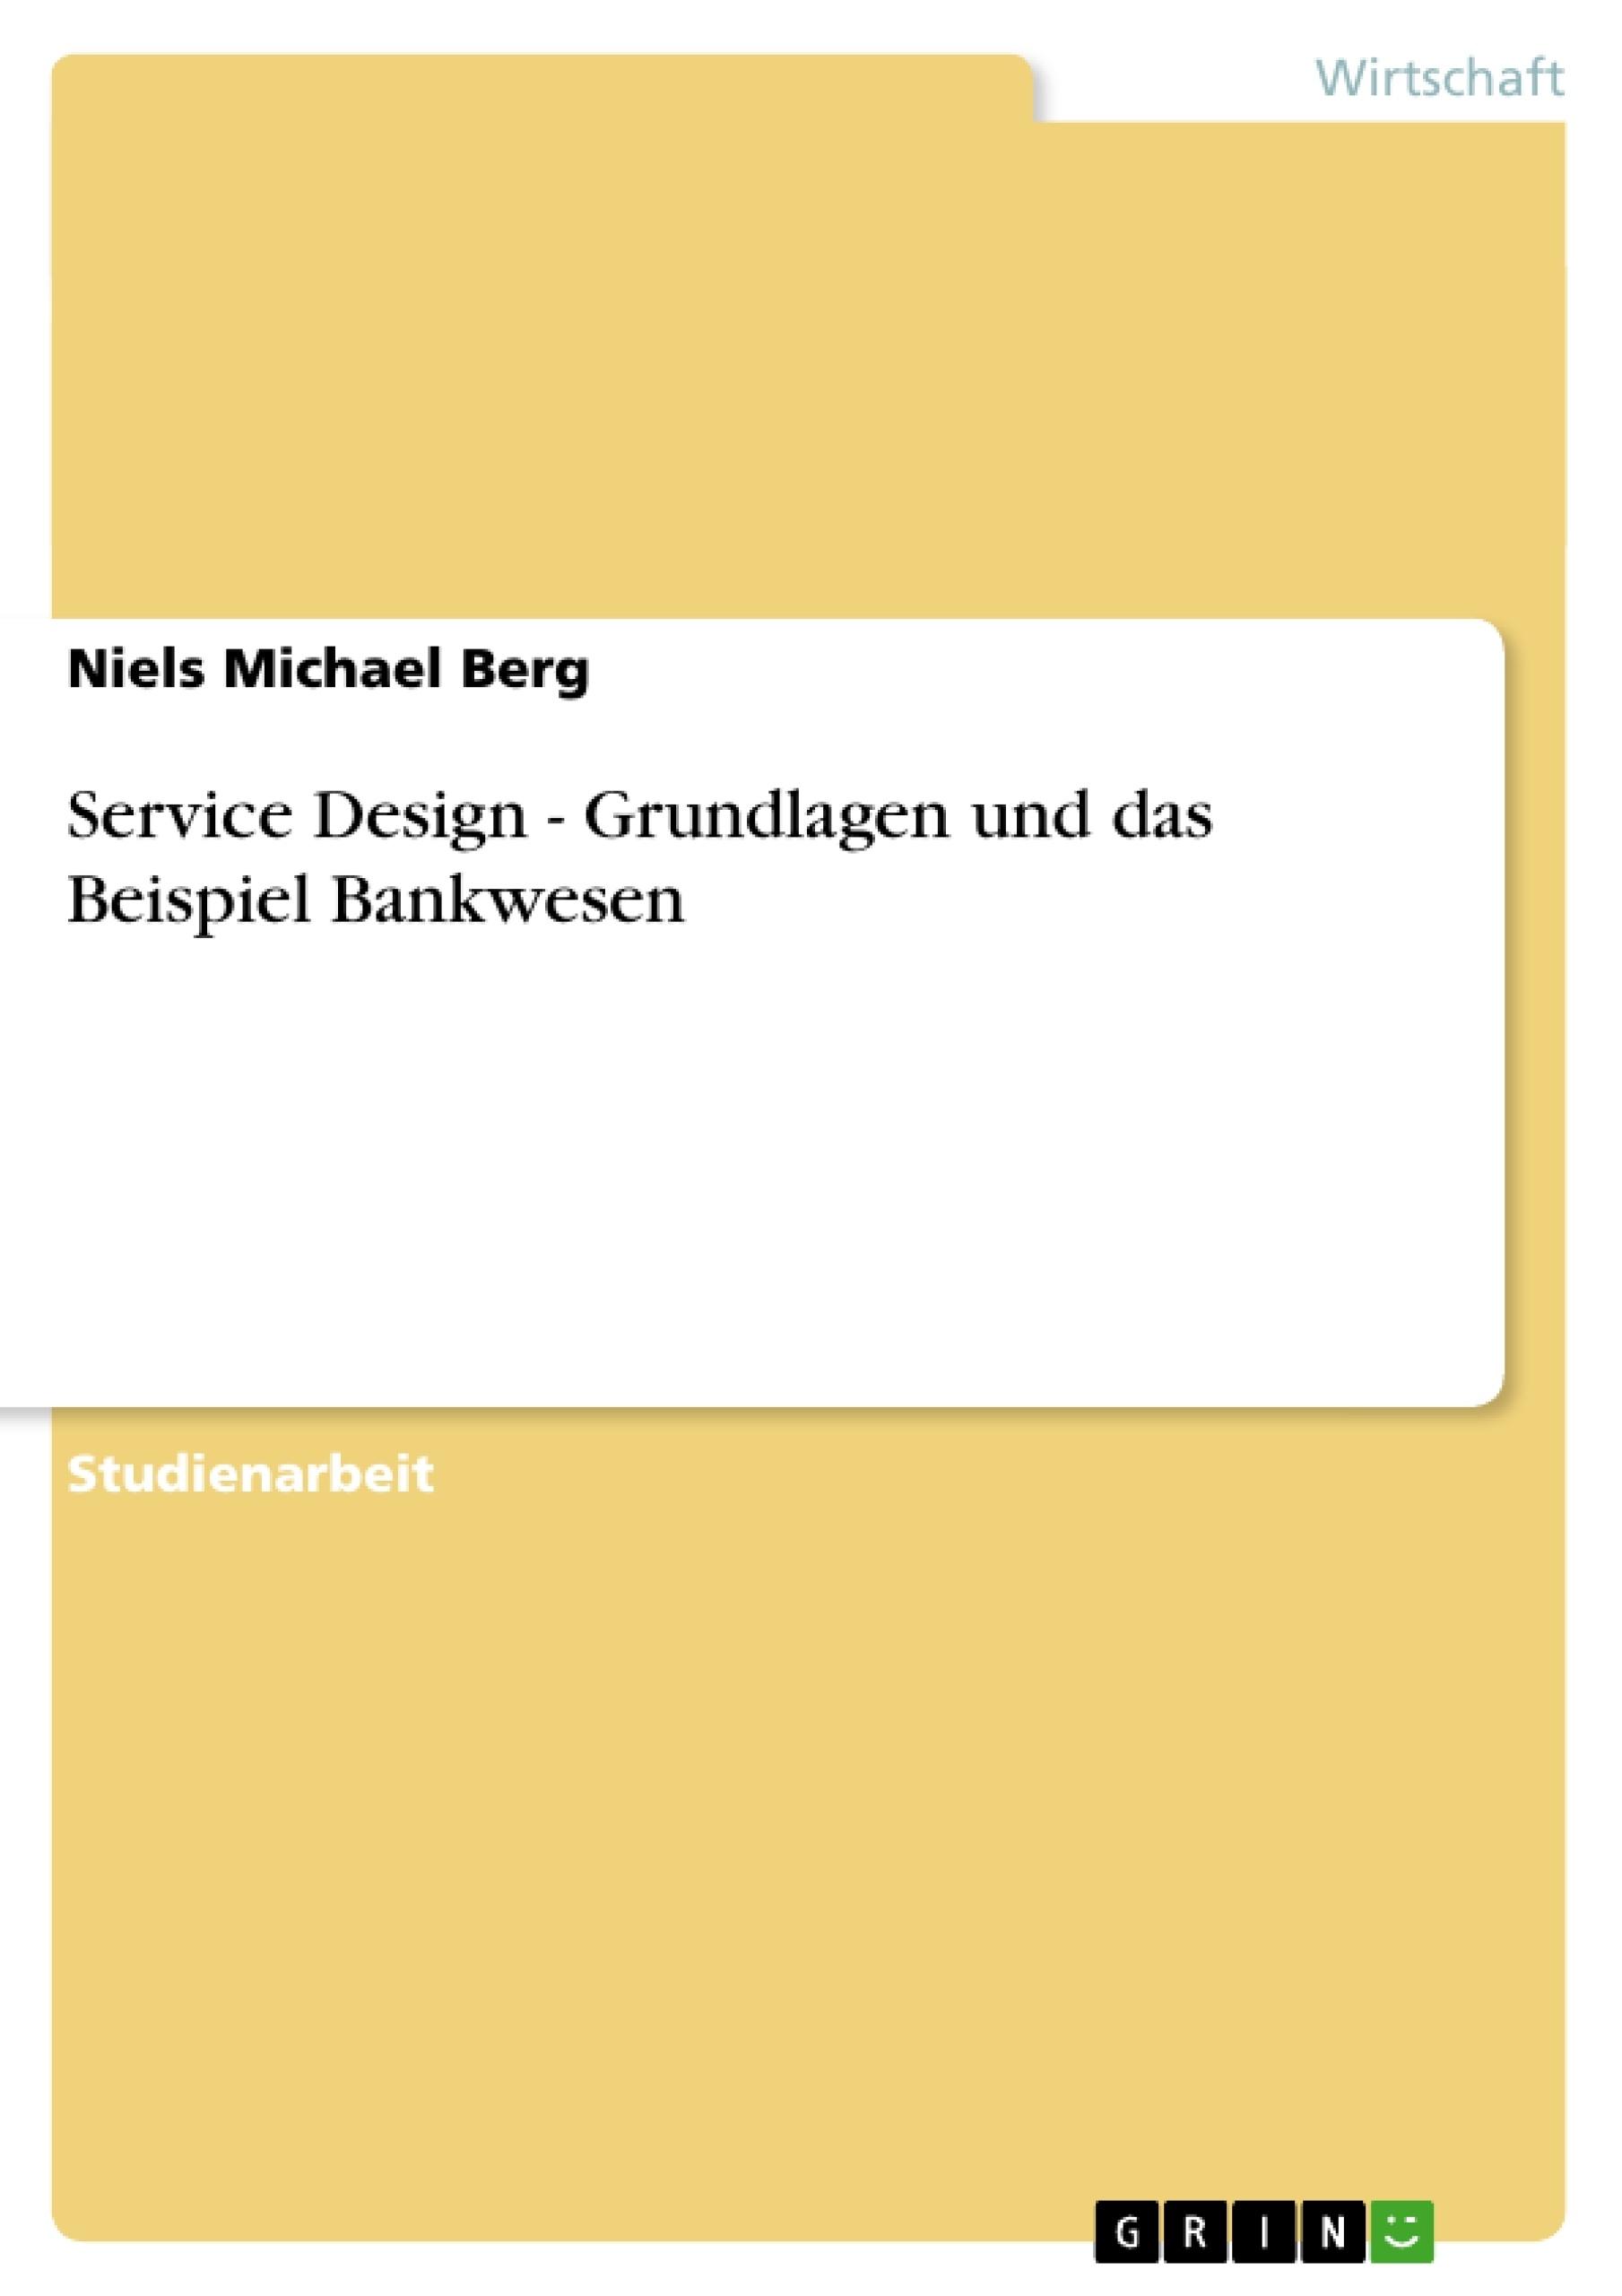 Titel: Service Design - Grundlagen und das Beispiel Bankwesen